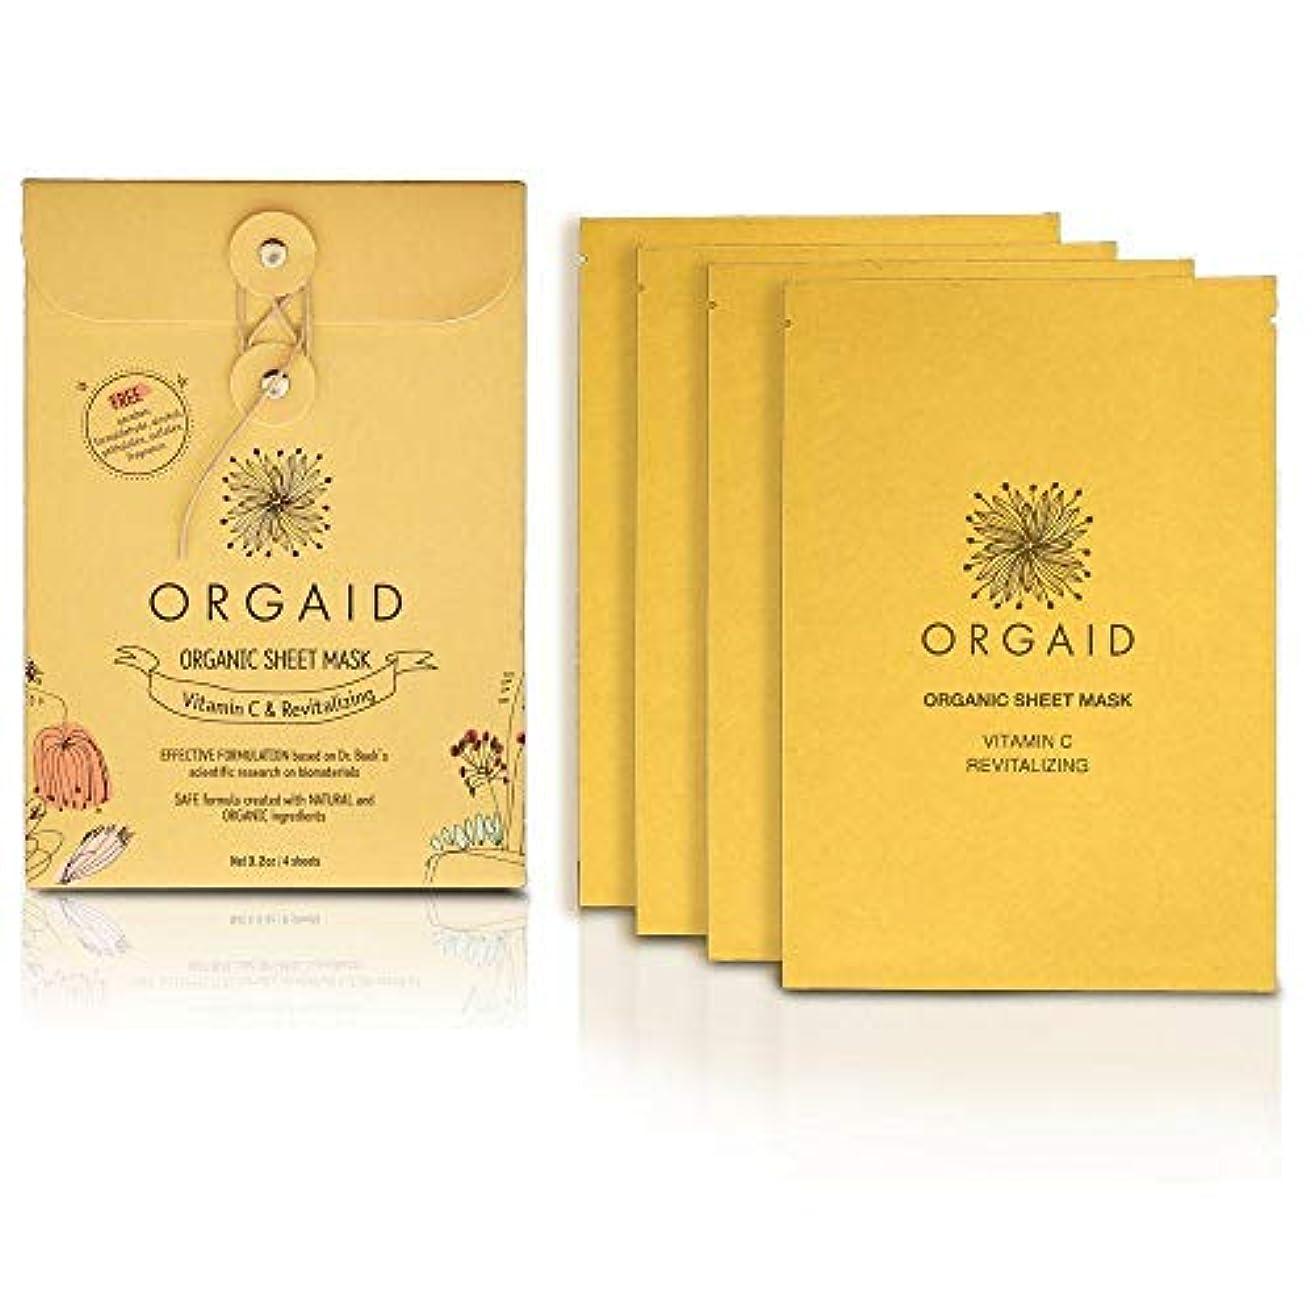 ORGAID(オーガエイド) エッセンスクリアマスク 4枚入り